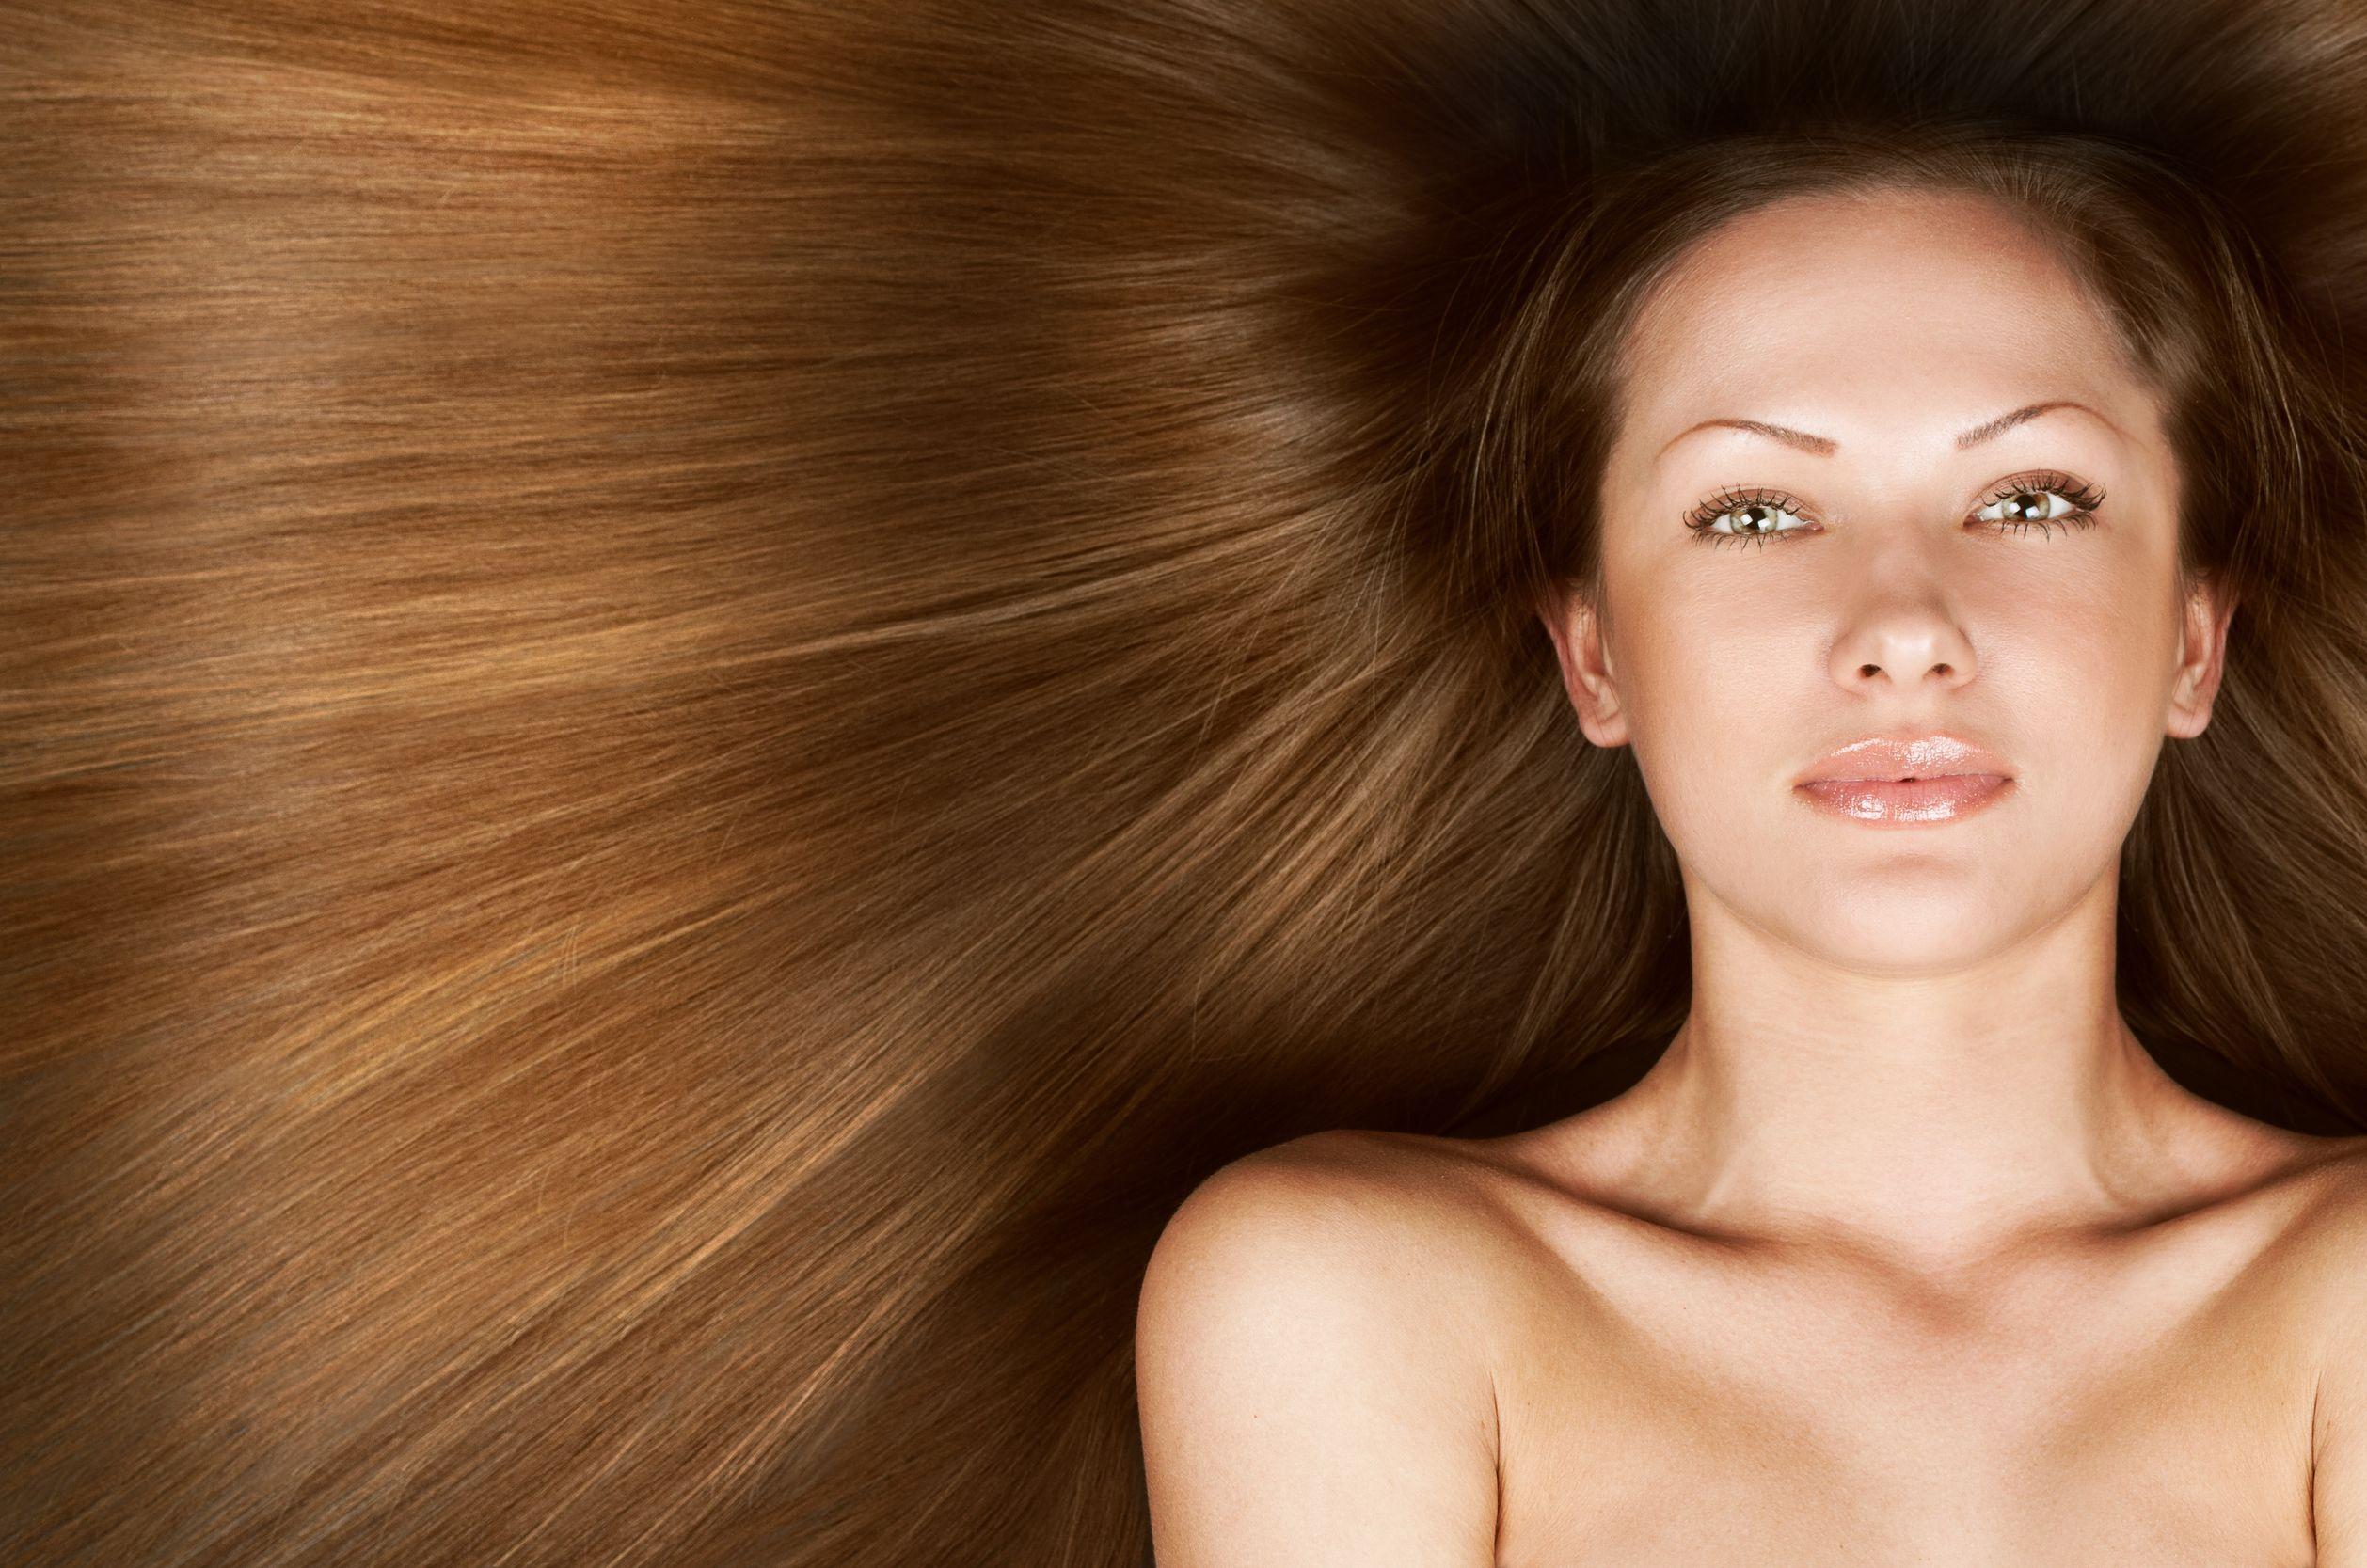 Правильный уход за кожей головы и волосами